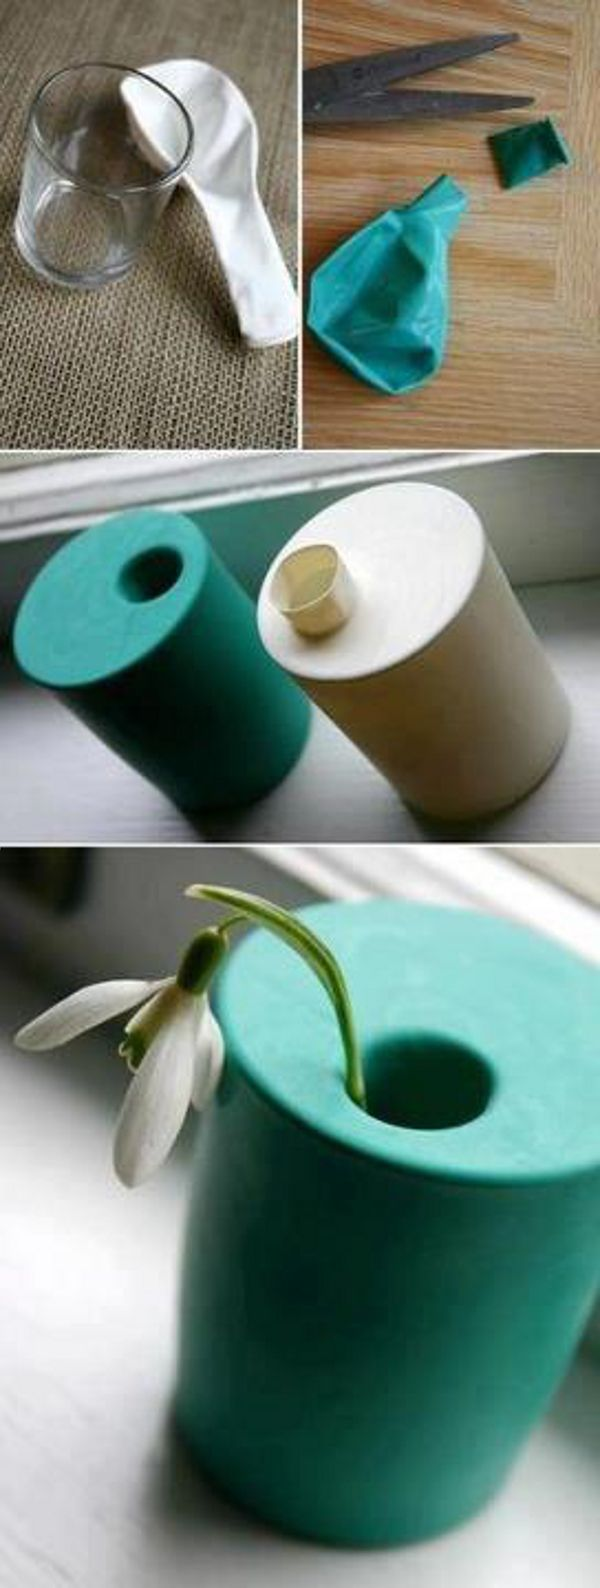 Decorare vasi: Barattoli, bicchieri, stoffa e palloncini